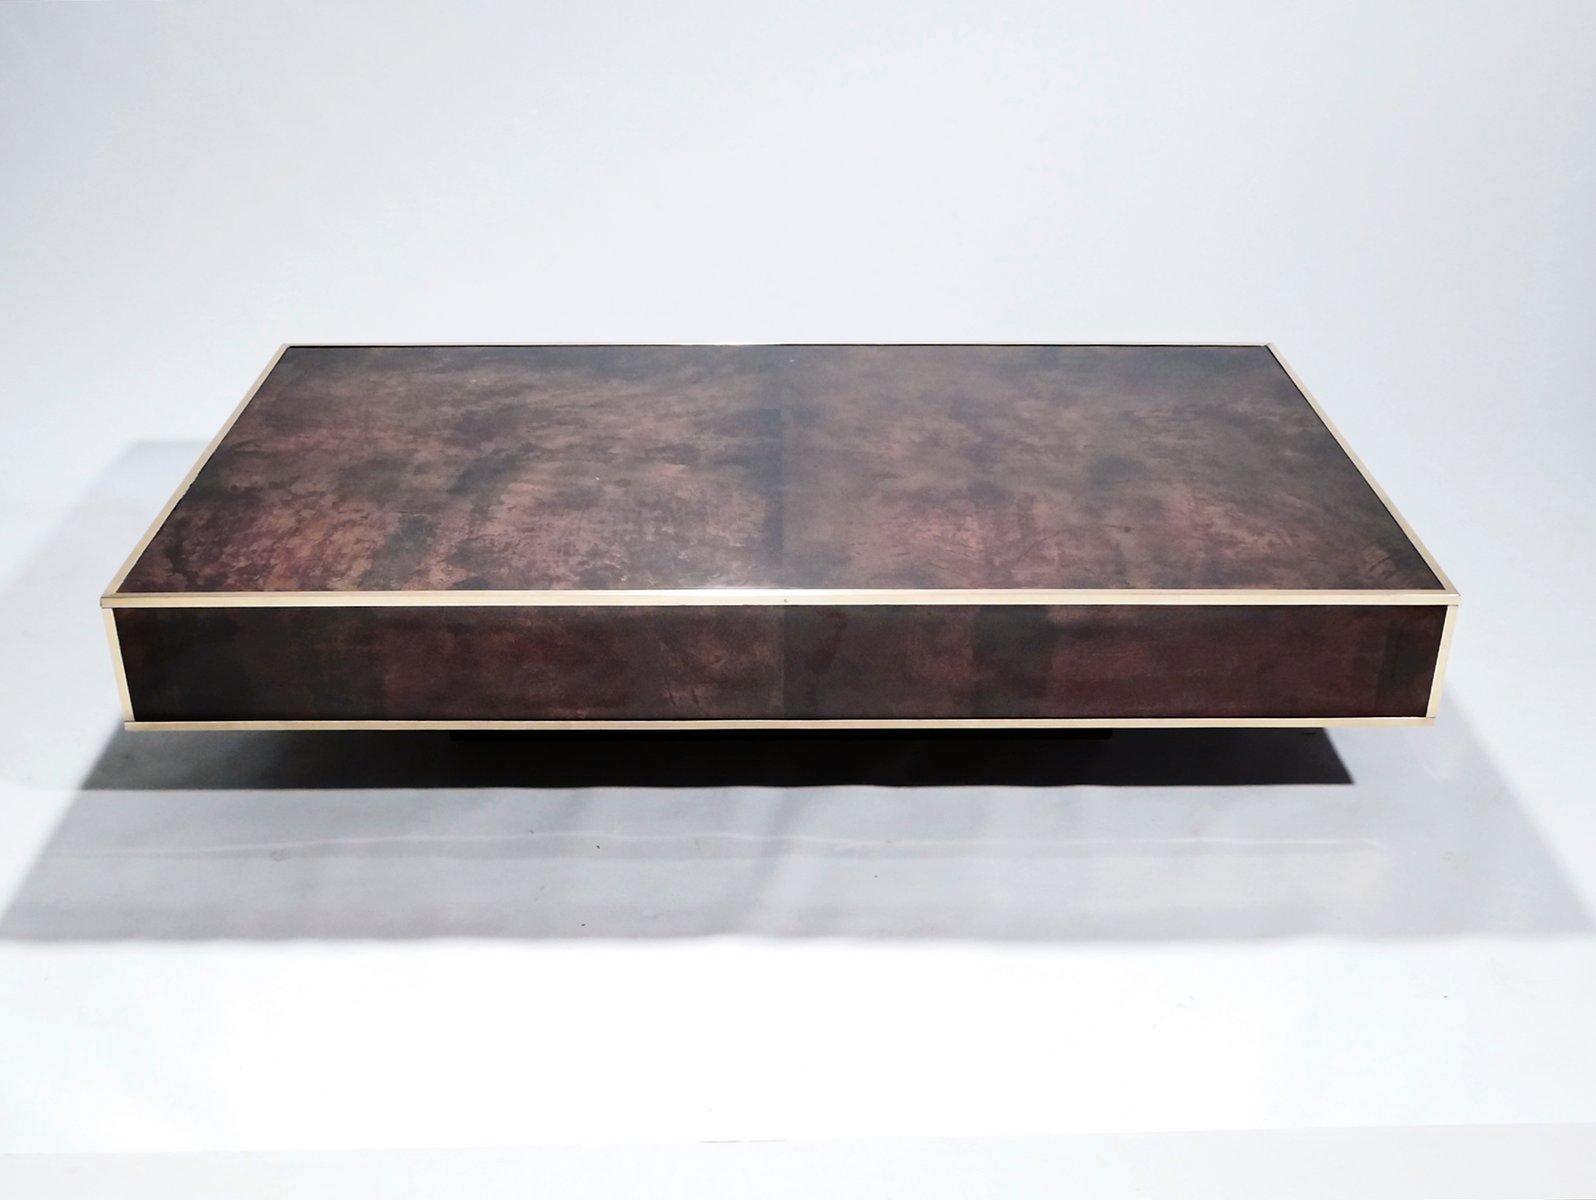 Großer Pergament und Messing Couchtisch von Aldo Tura, 1960er